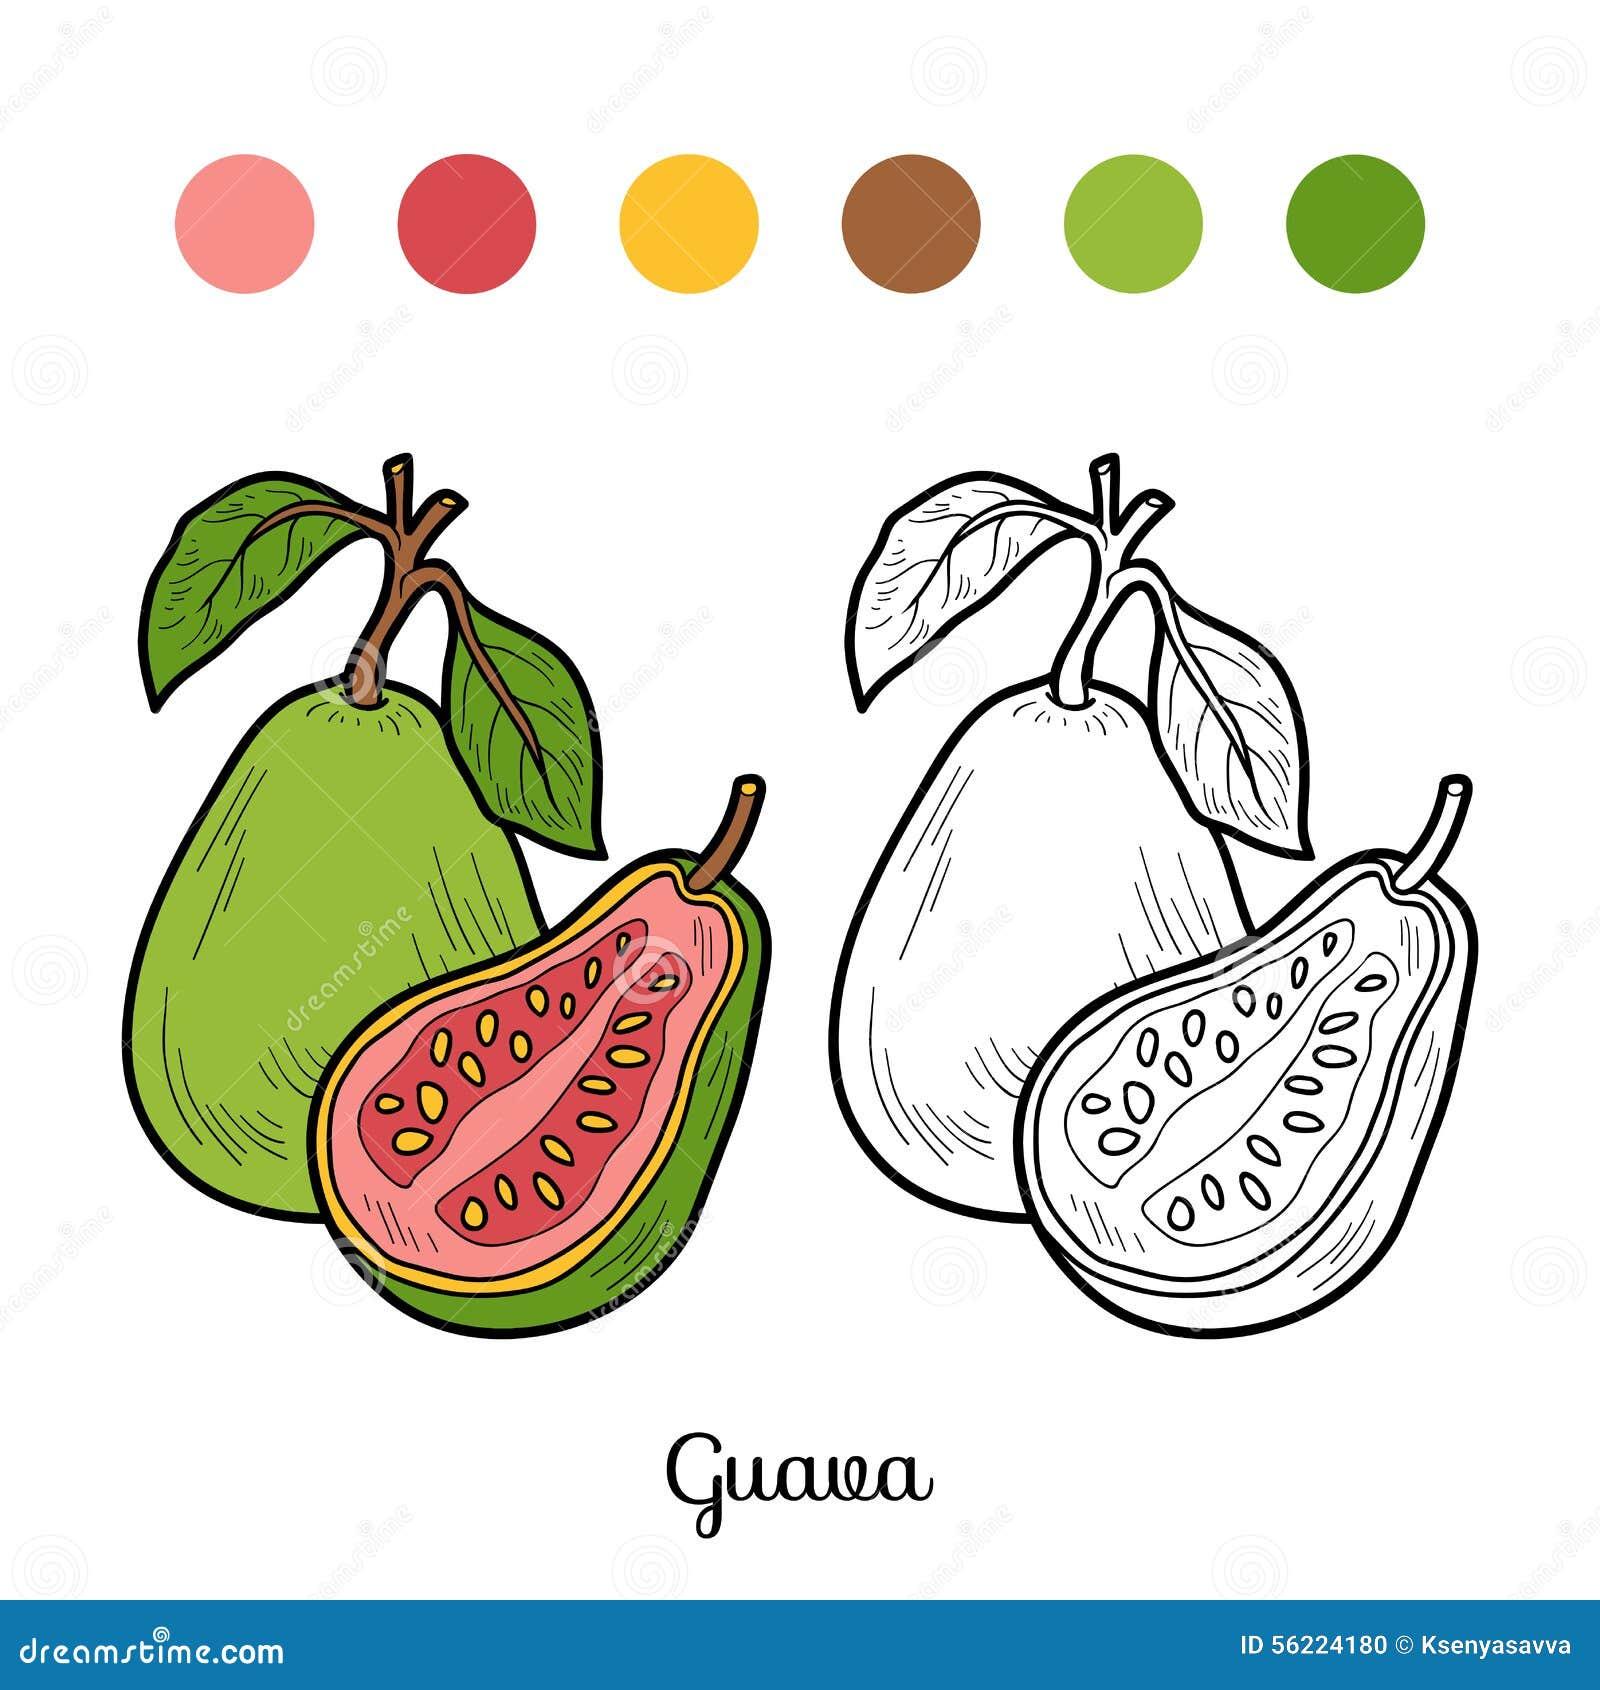 Книжка-раскраска: фрукты и овощи (guava) Иллюстрация ...